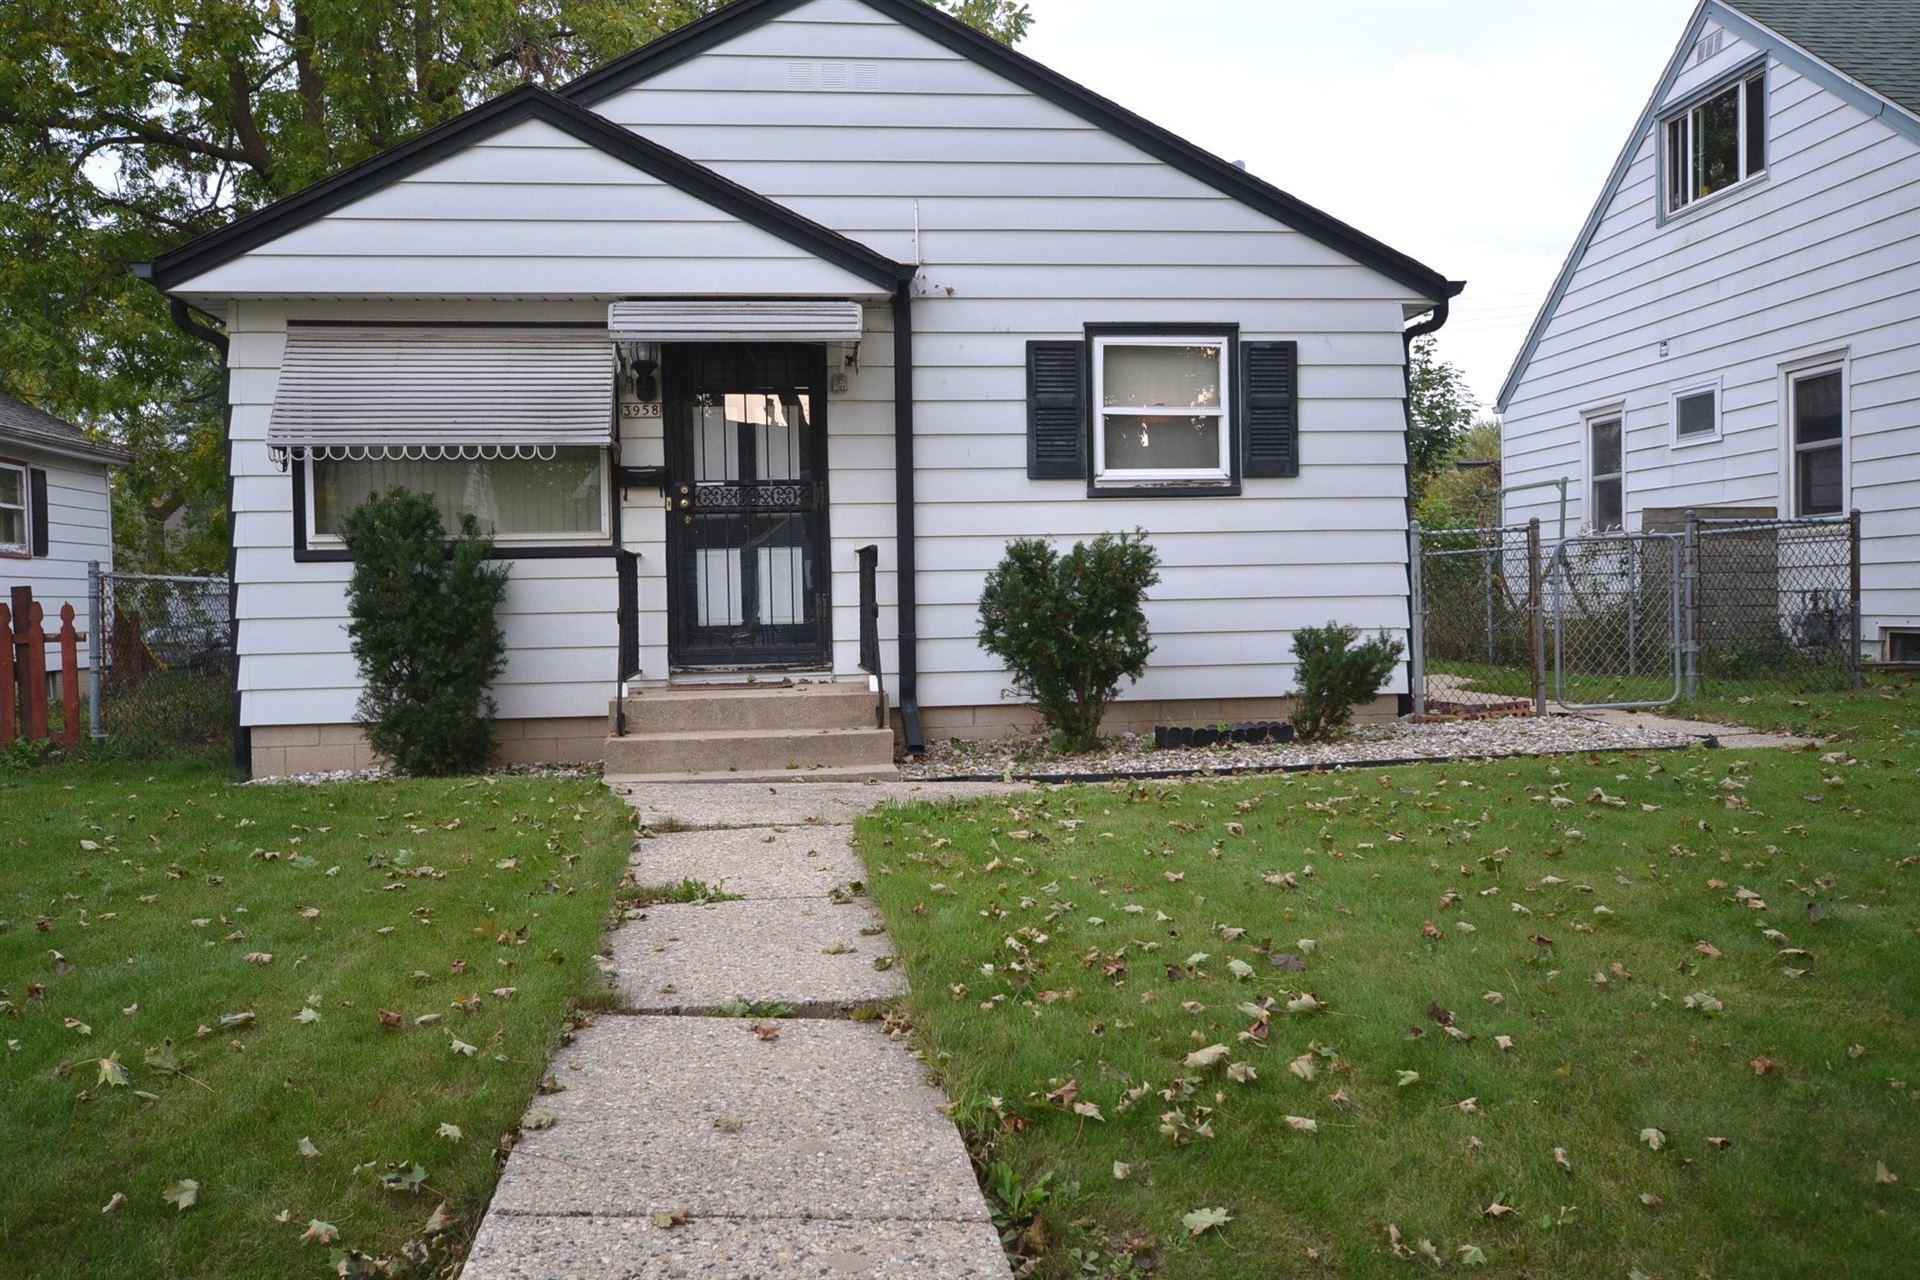 3958 N 71st St, Milwaukee, WI 53216 - #: 1711765